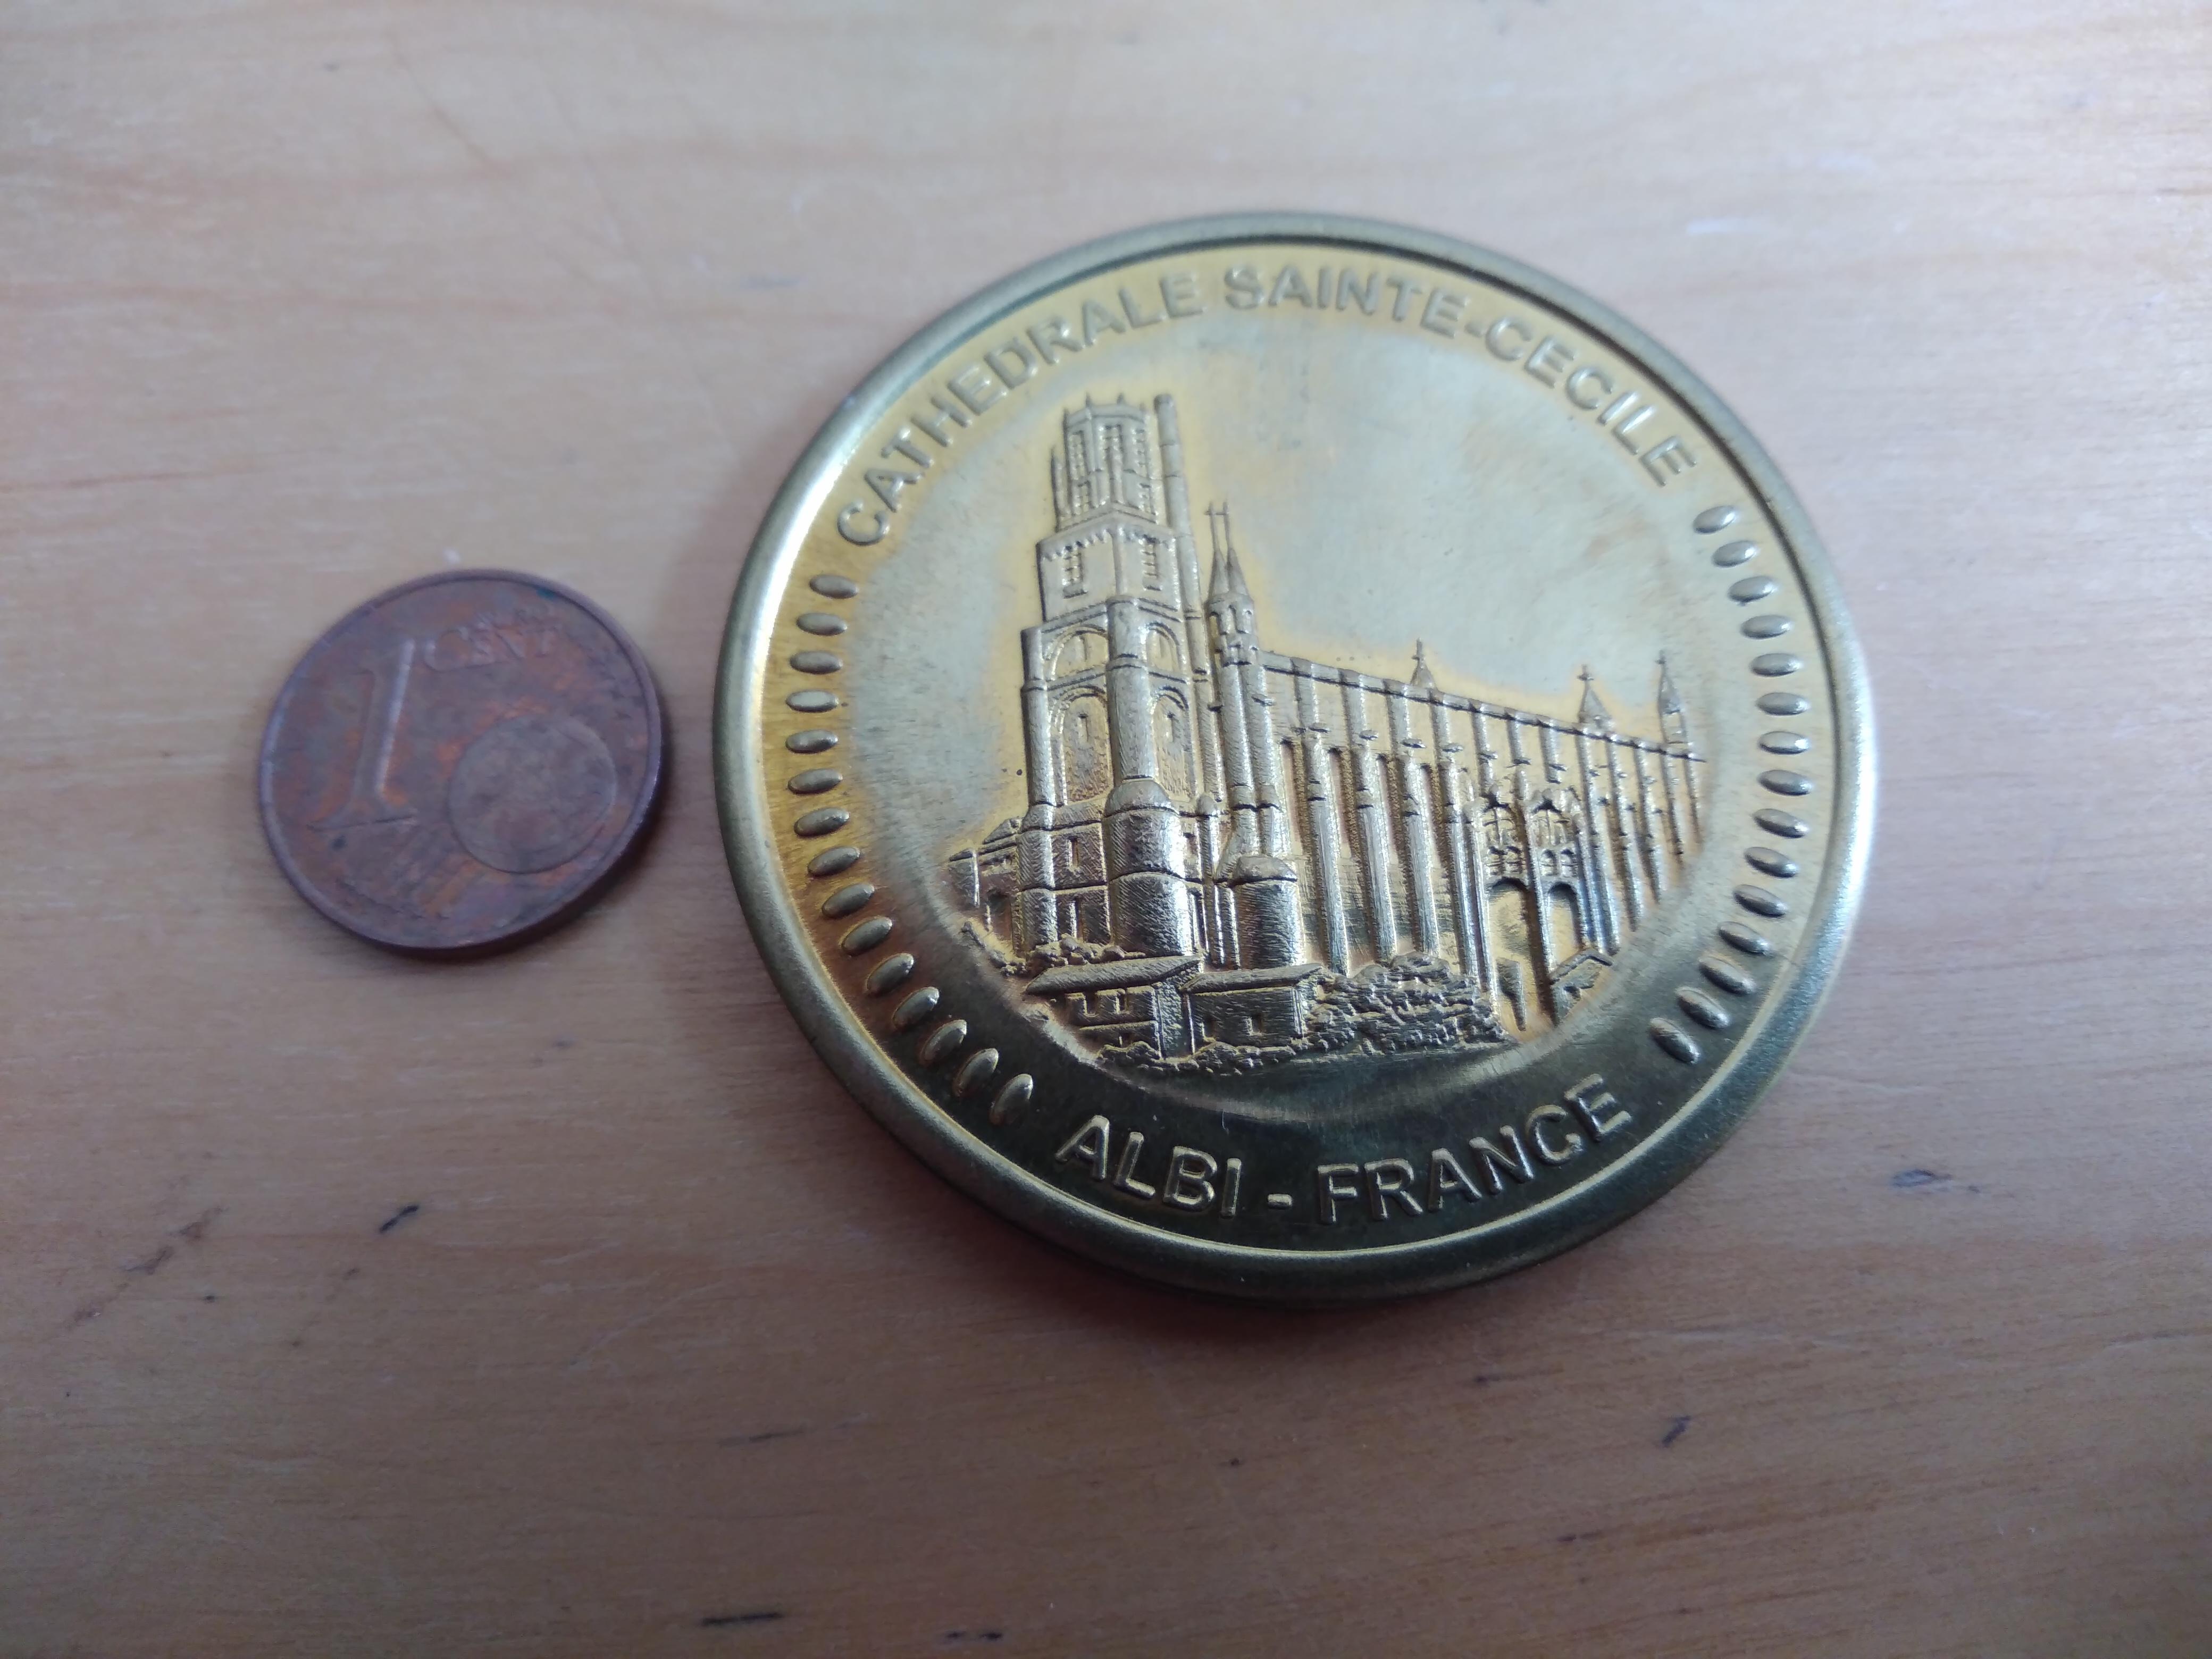 troc de troc médaille souvenir image 1